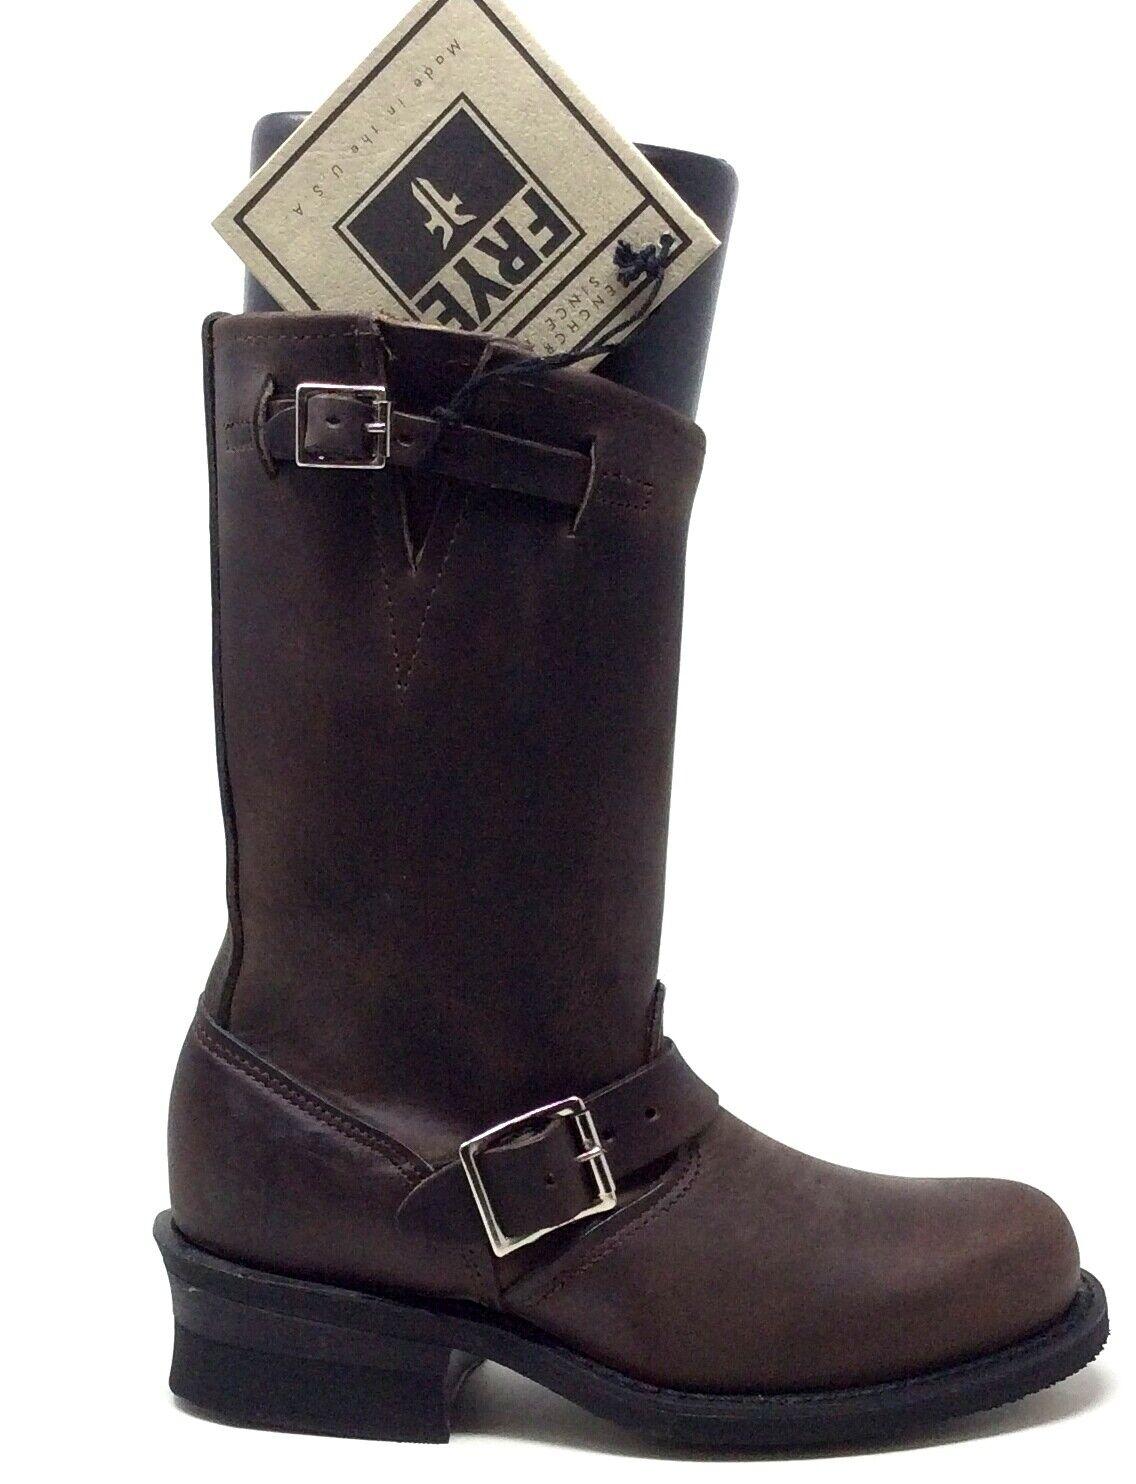 Frye Damen Ingenieur 12R Stiefel Gaucho Braunes Leder Größe 5.5 M US